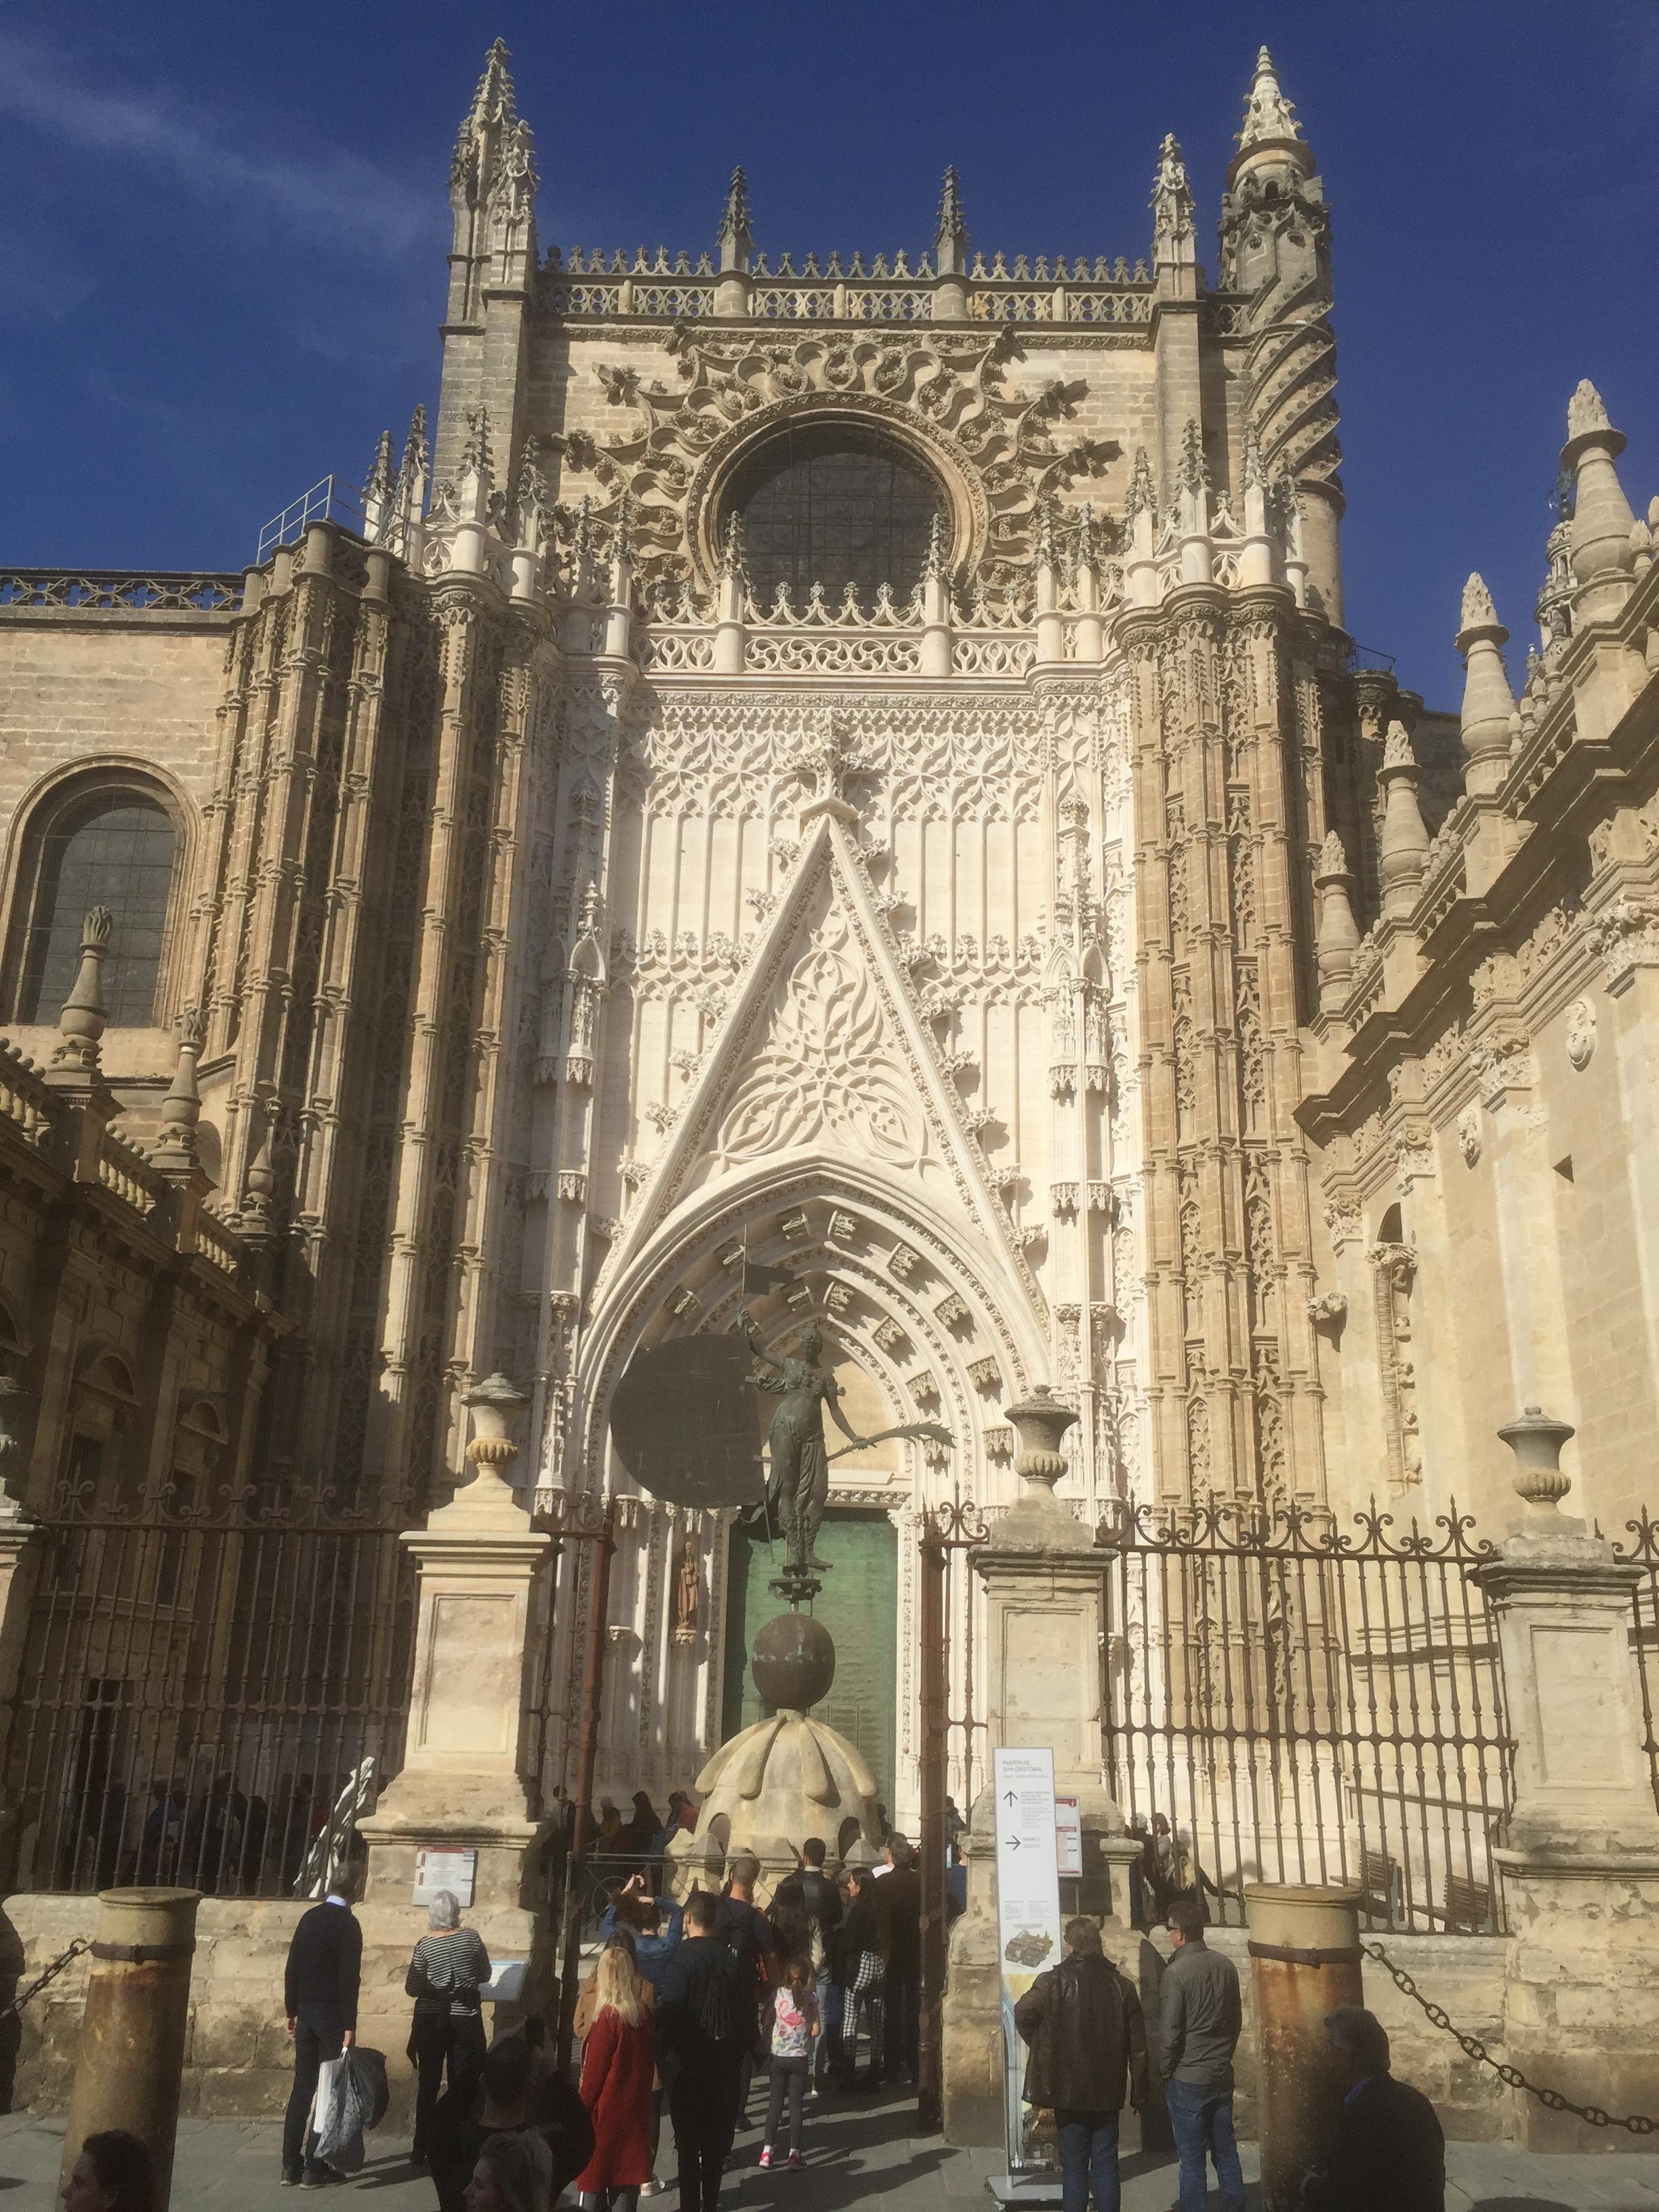 Avec ses 132 mètres de long, c'est la plus grande cathédrale d'Espagne